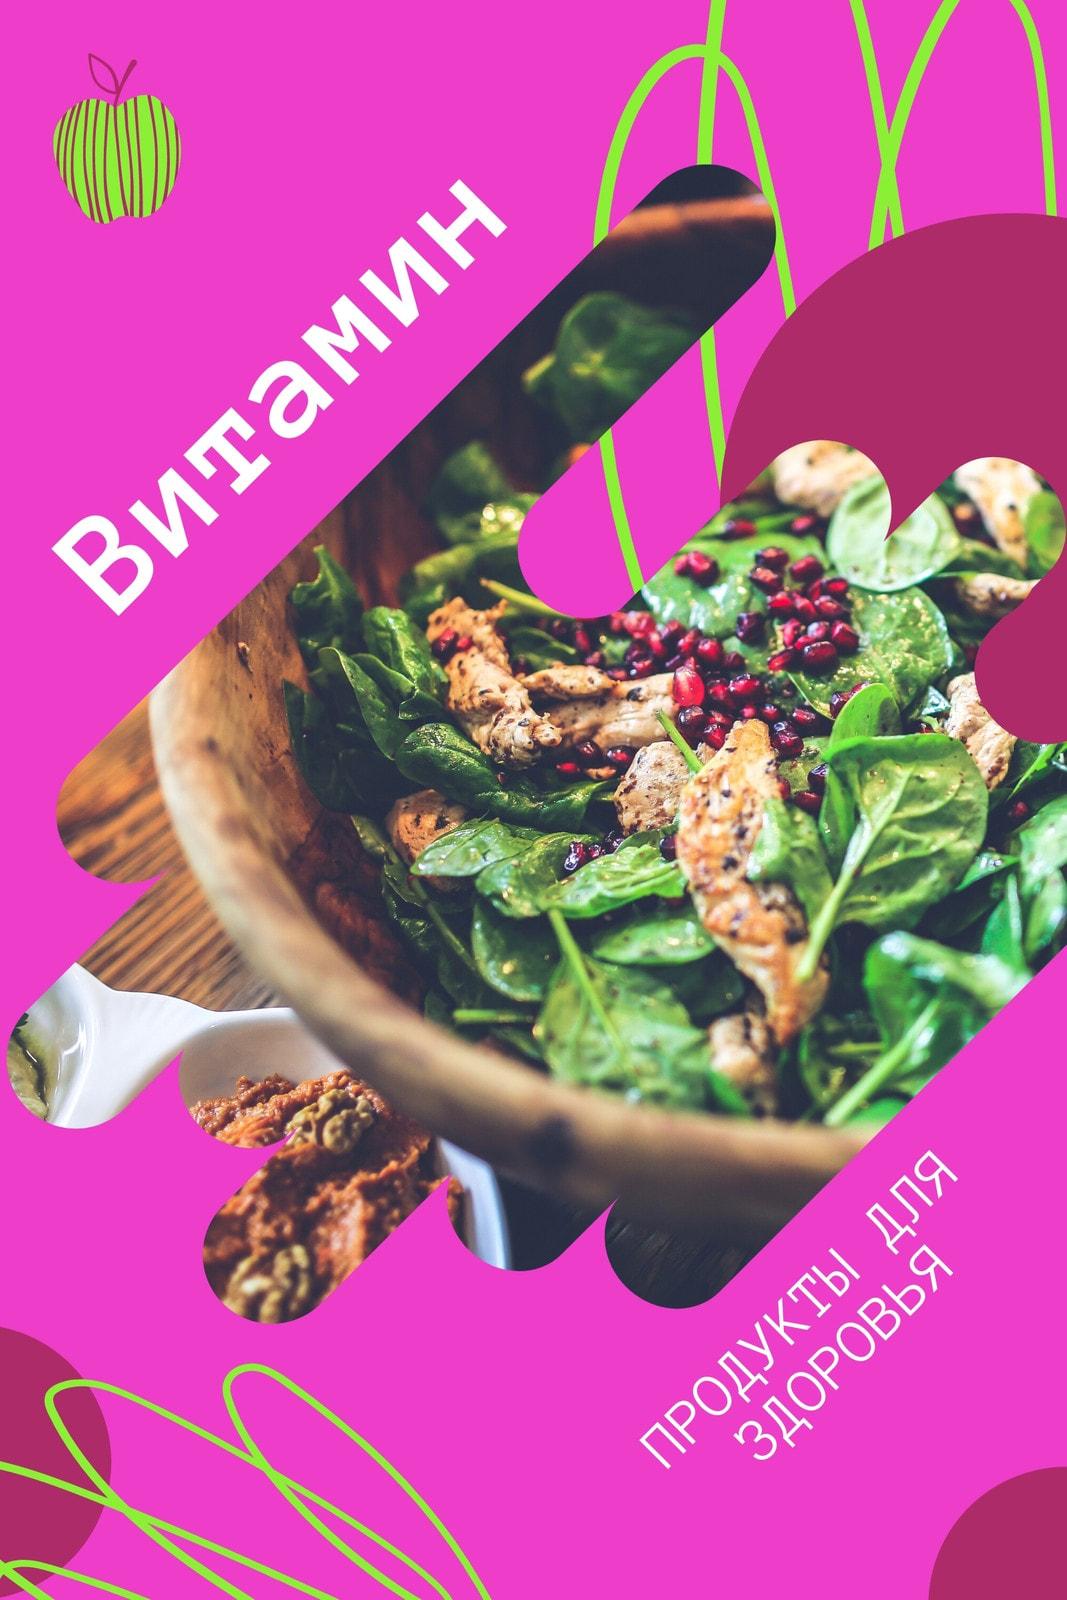 Розовое изображение профиля ВК с абстрактной графикой и фотографией здоровой еды